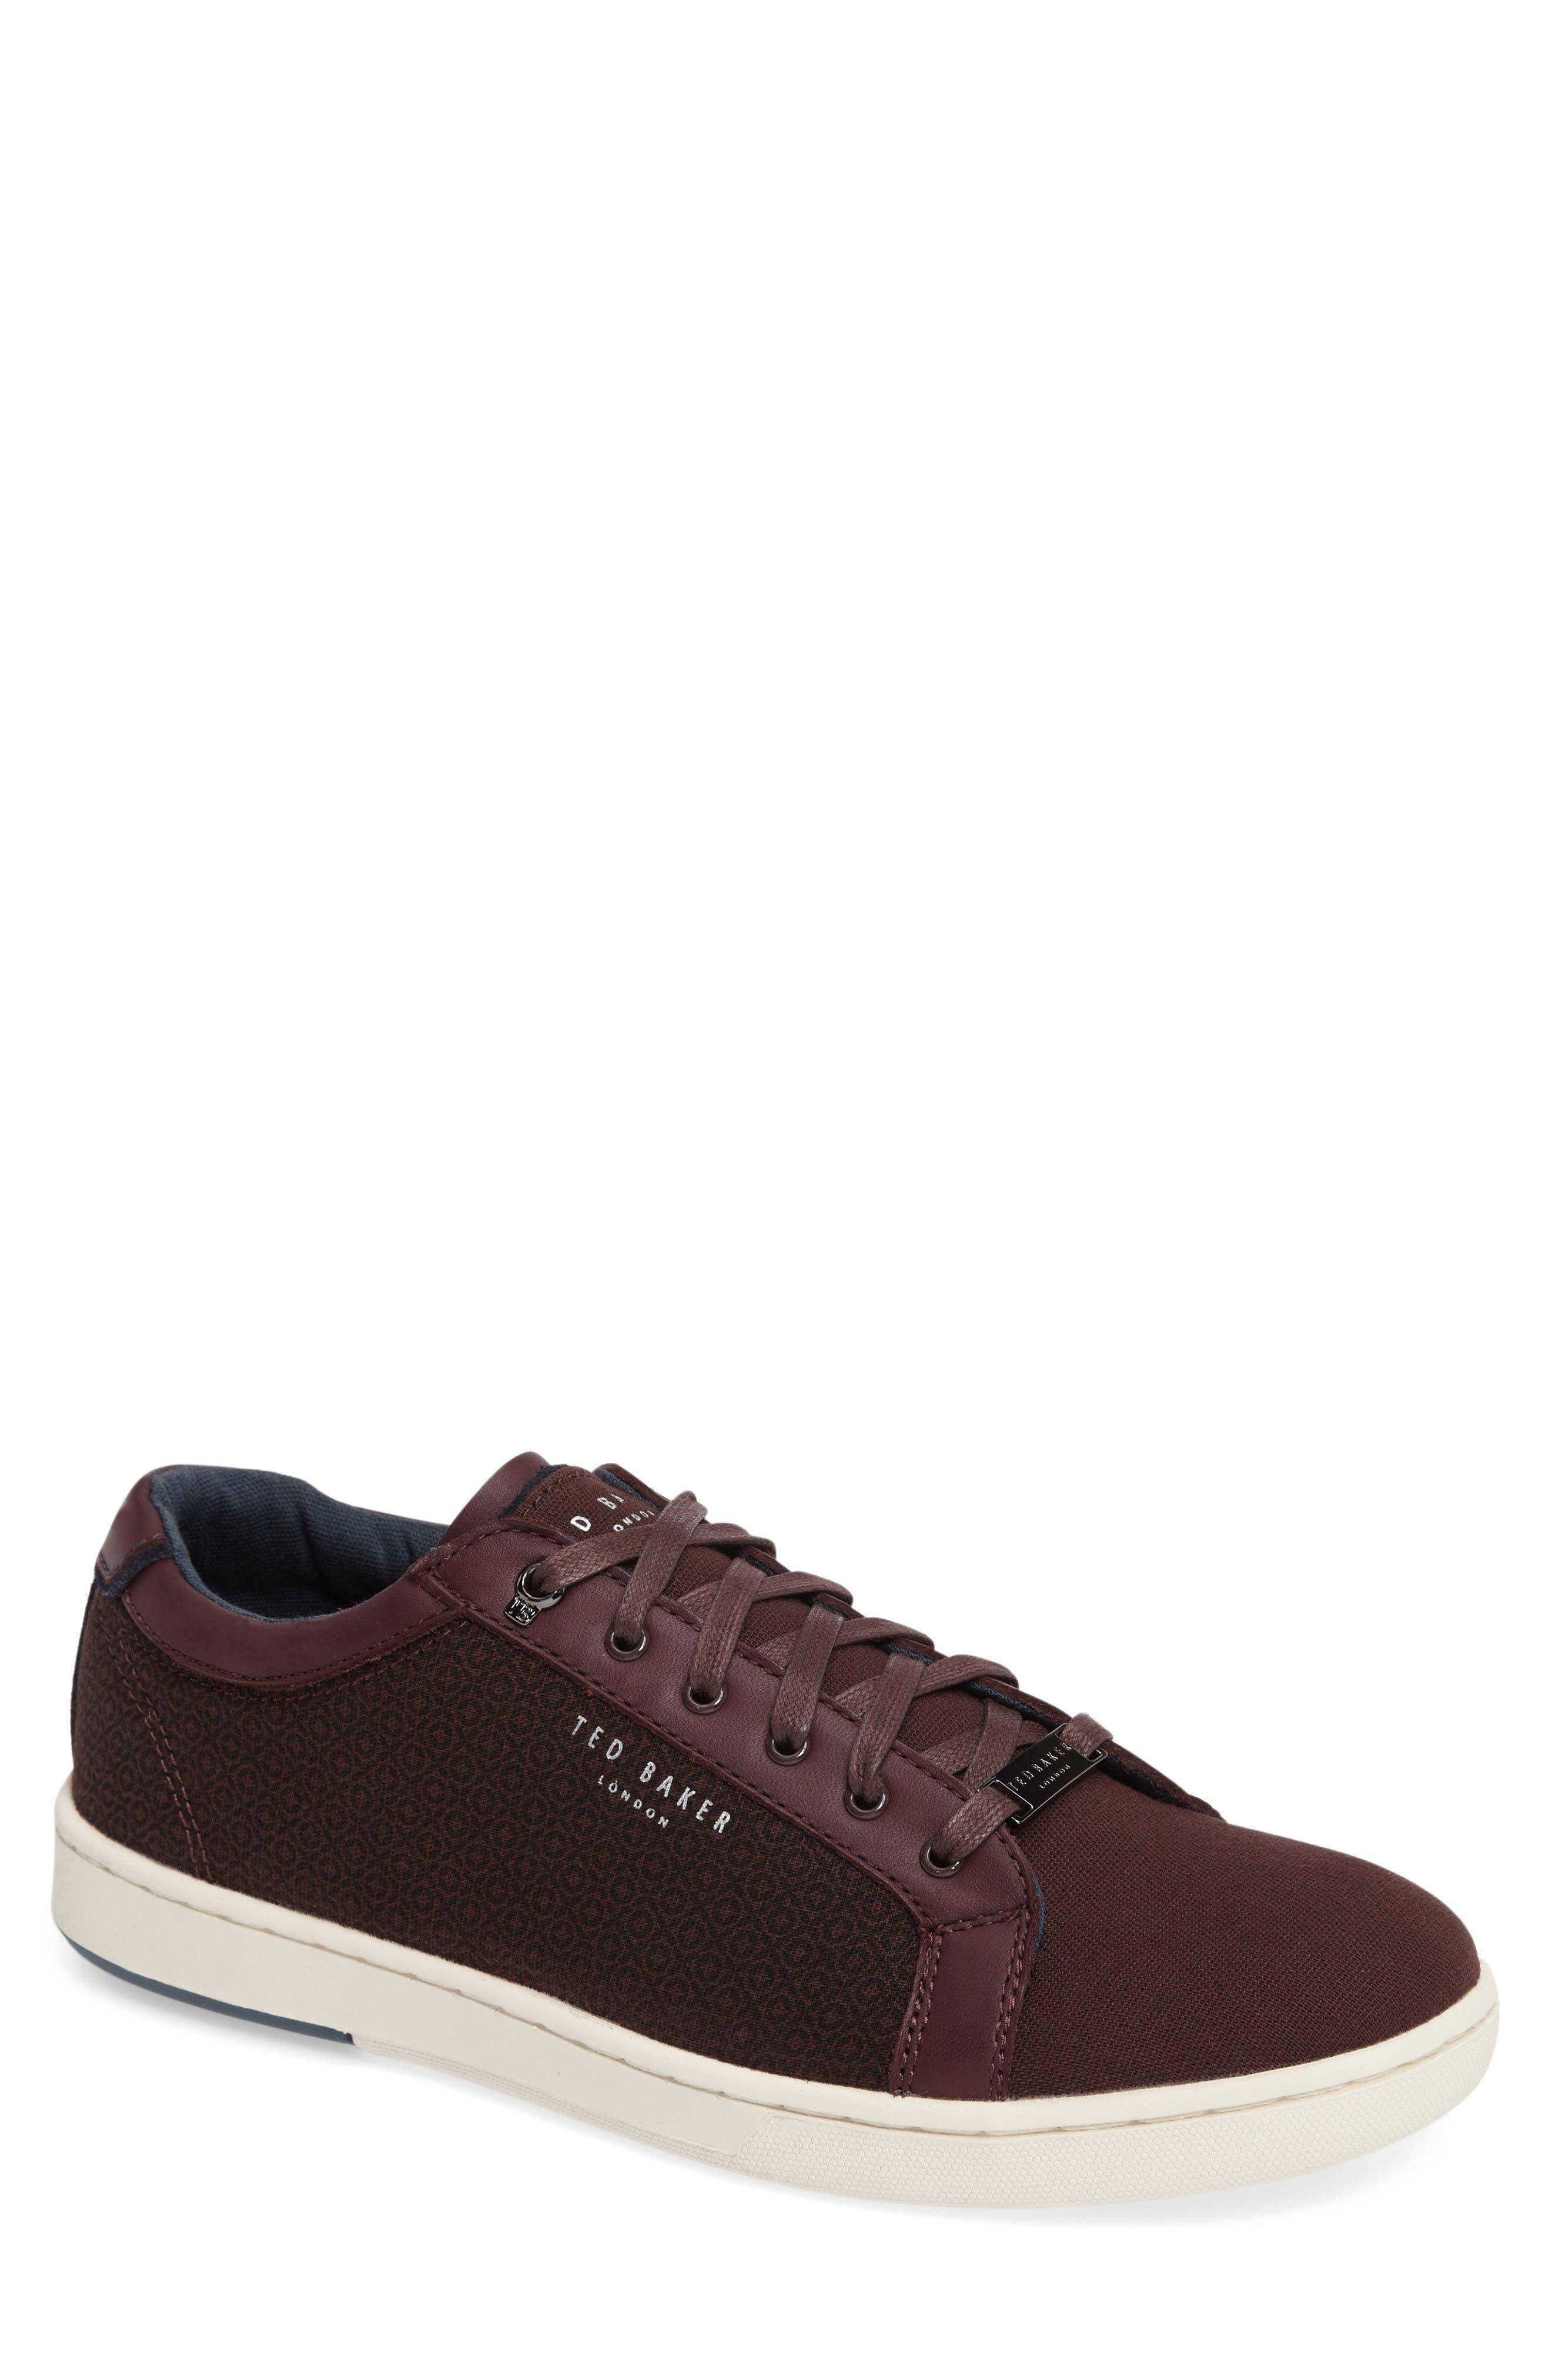 Ternur Geo Print Sneaker,                             Main thumbnail 1, color,                             Dark Red